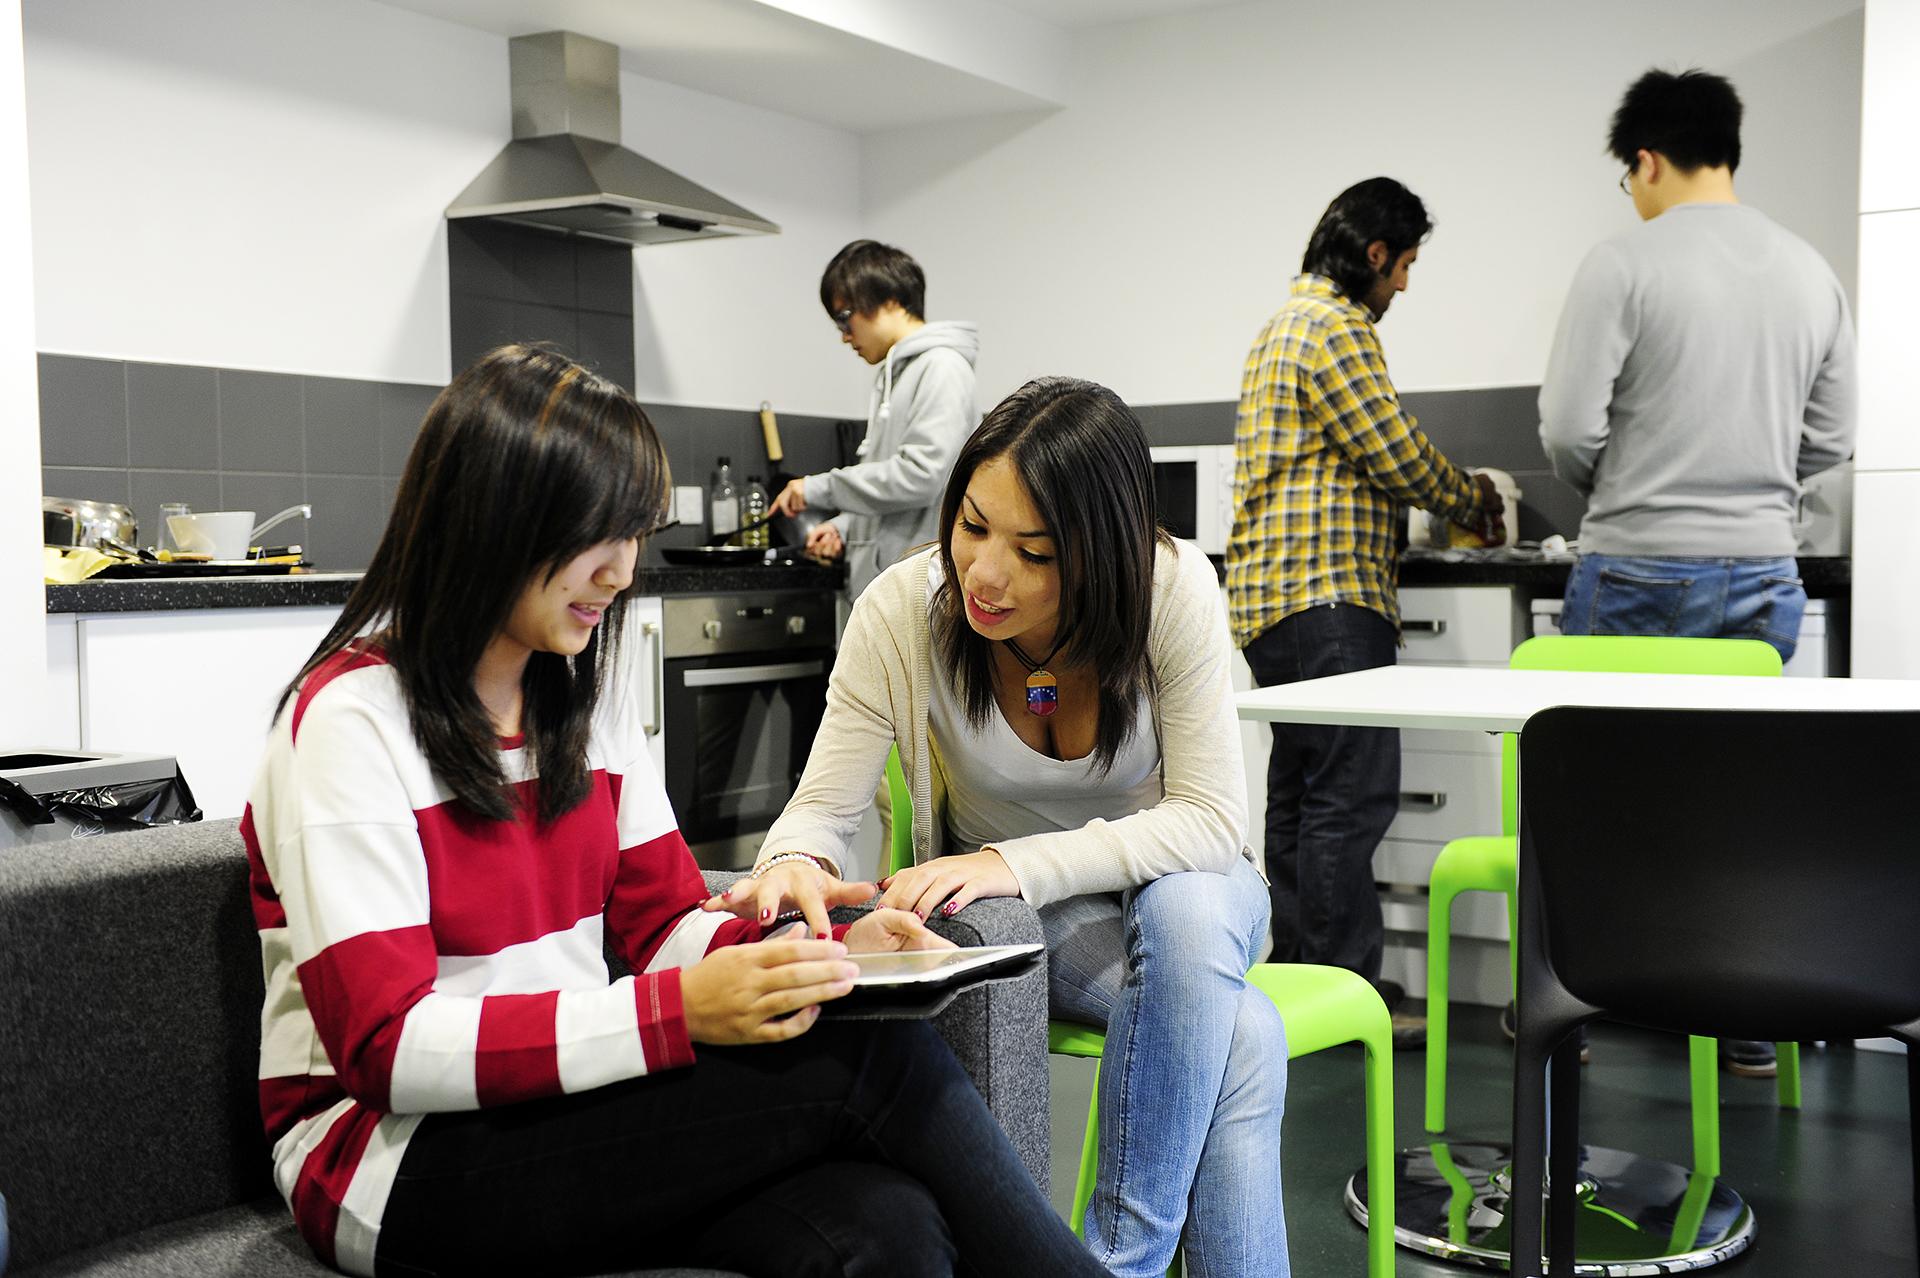 الطلاب الدوليين ضمن المرافق المشتركة في سكن طلاب مركز INTO جامعة نيوكاسل